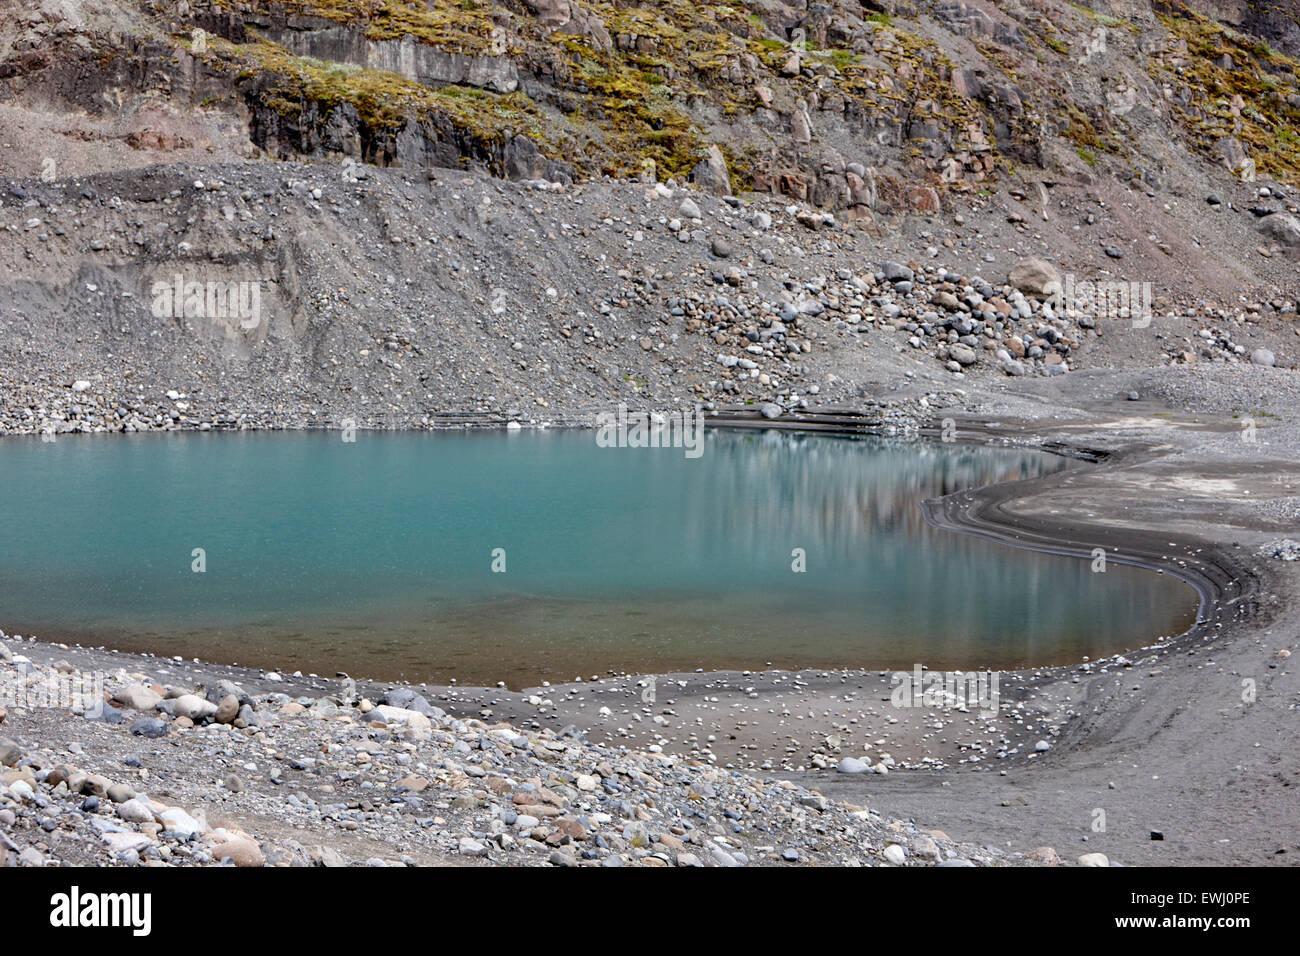 Hervidora agujero formaciones rocosas llenas con agua azul dejados por los glaciares de Islandia Imagen De Stock